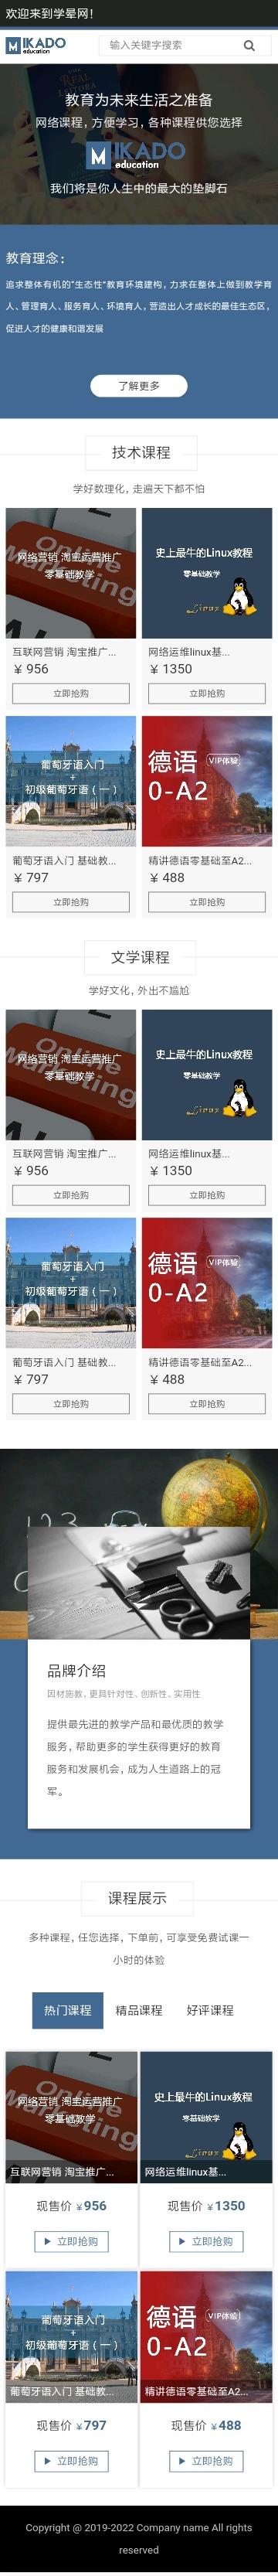 MIKADO教育课程小程序商城模板